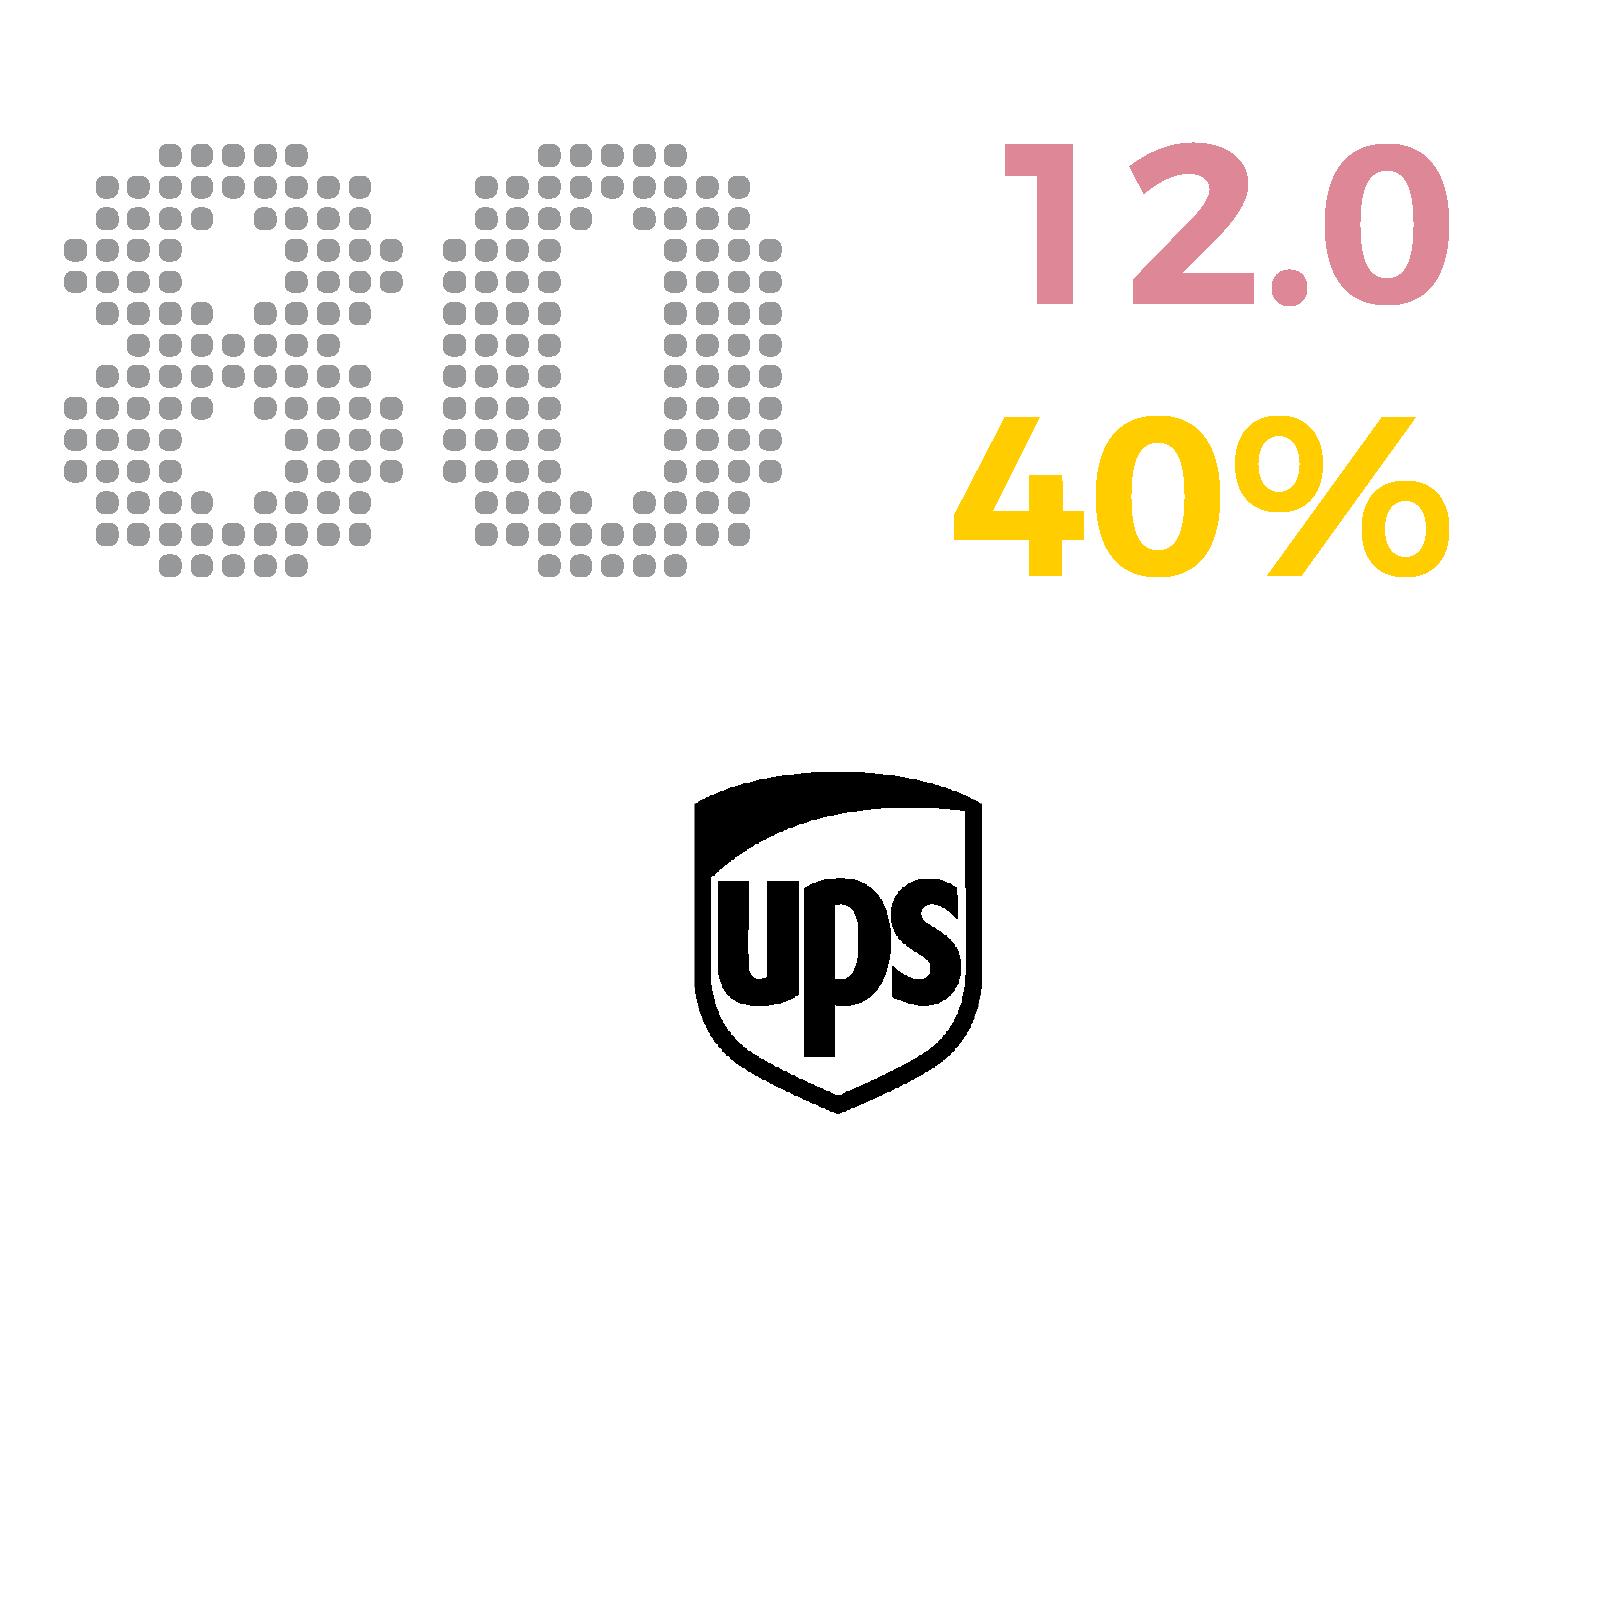 80_UPS.png